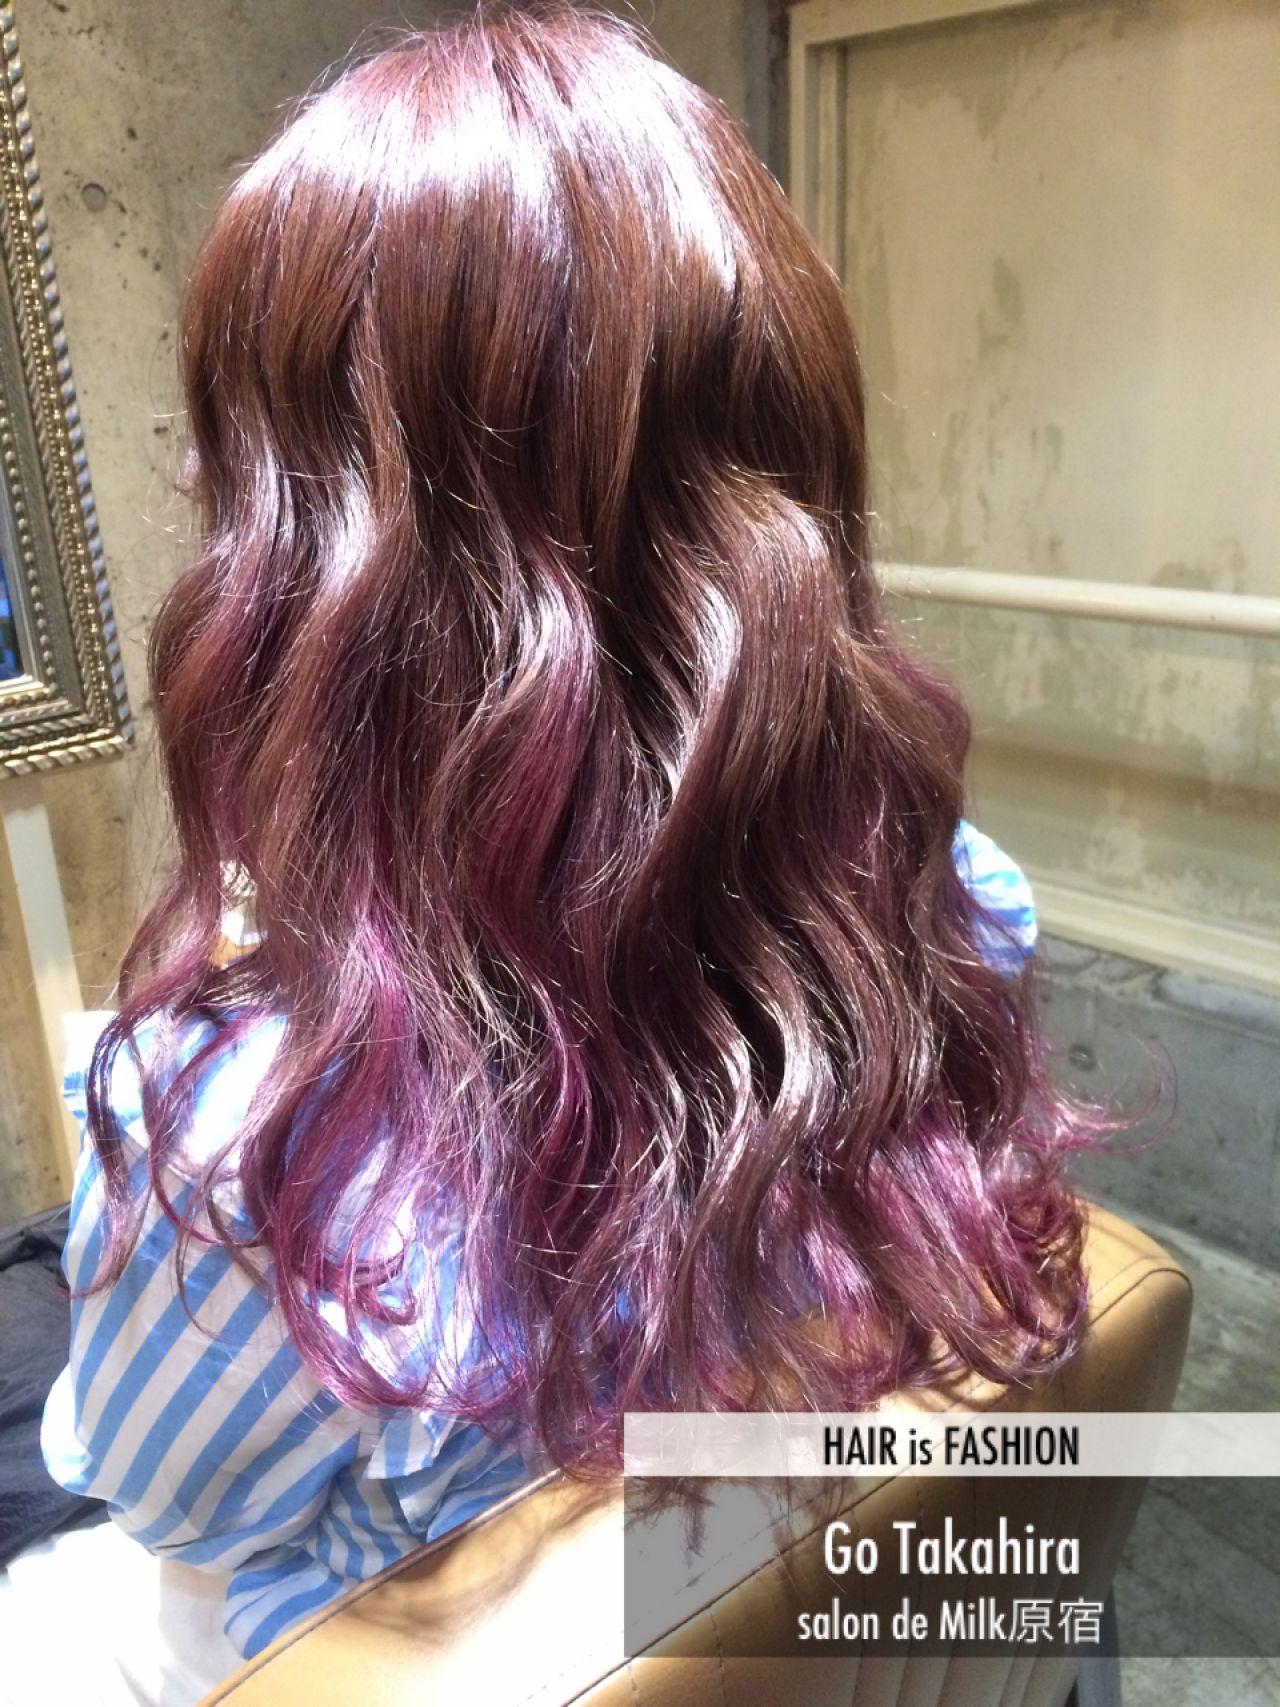 グラデーションカラー ストリート ガーリー ピンク ヘアスタイルや髪型の写真・画像   Go Takahira / salon de Milk原宿